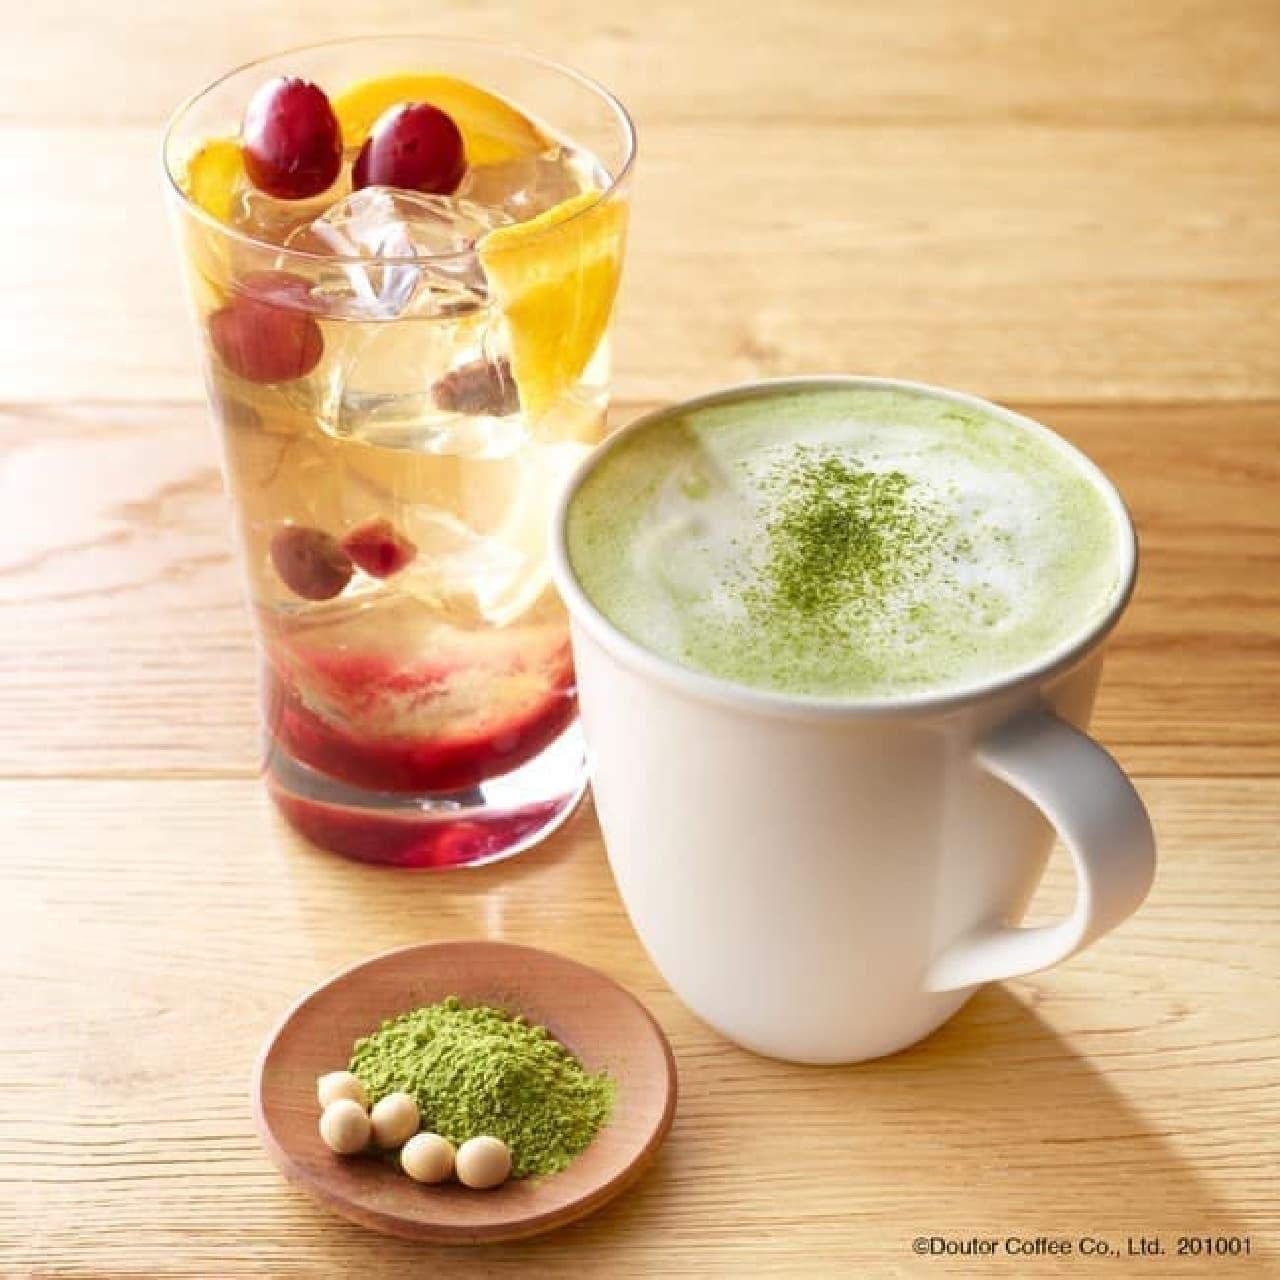 エクセルシオール カフェ「フルーツティー ミックスベリージャスミンティー」と「豆乳宇治抹茶ラテ」